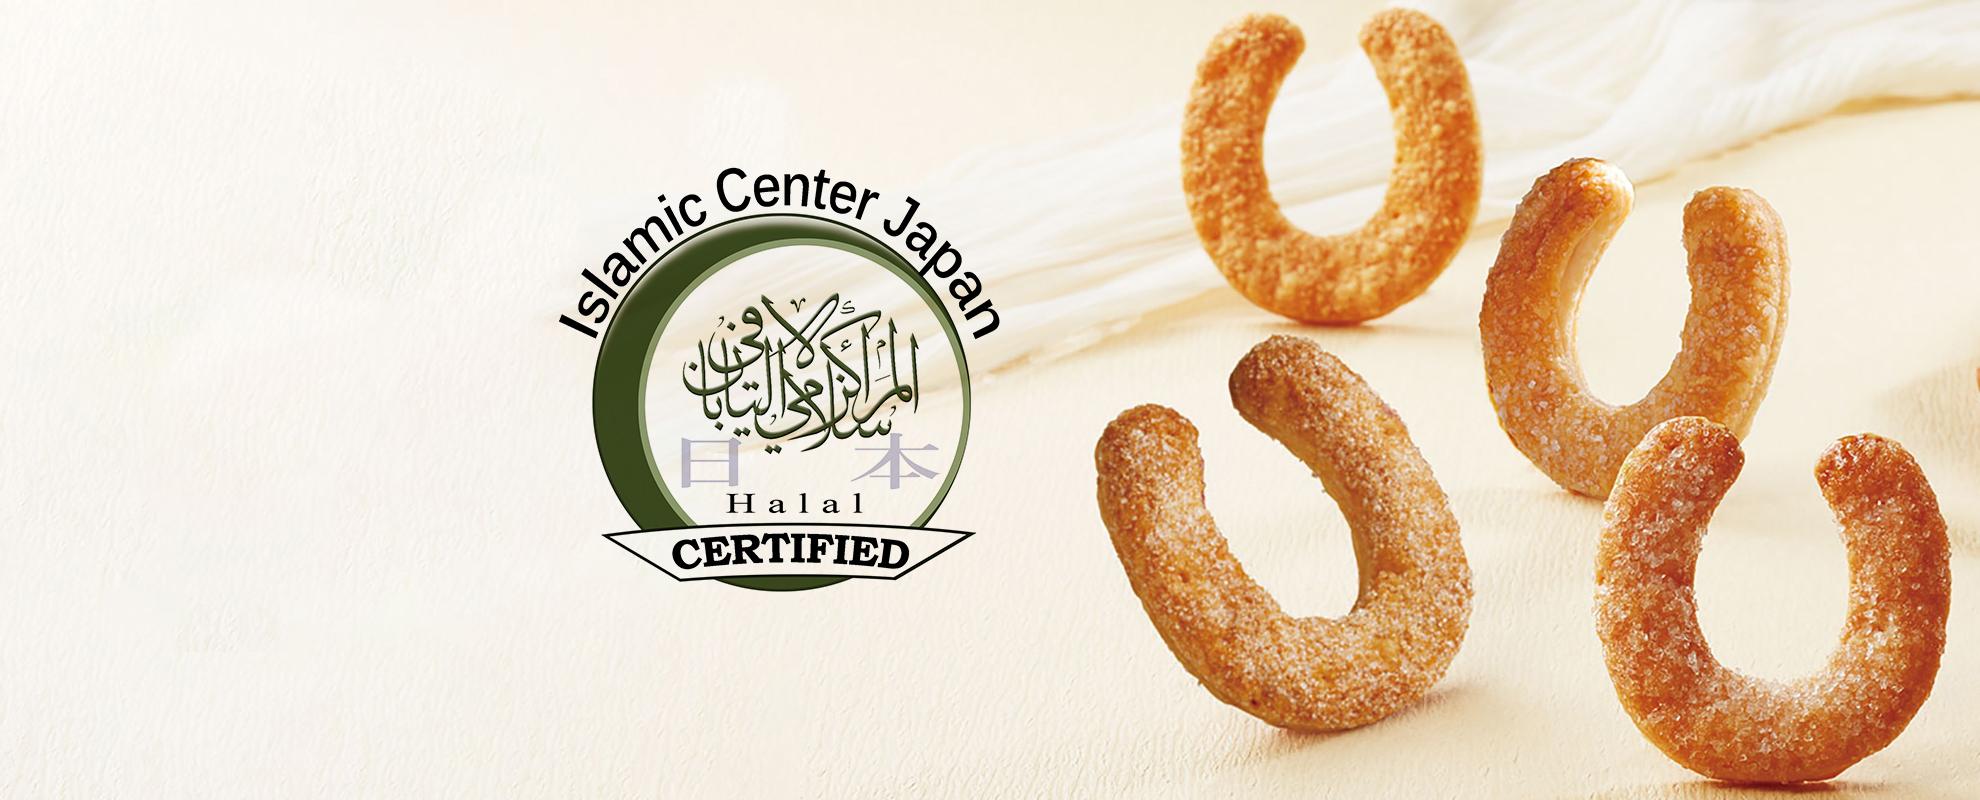 ハラール認証(Halal certification)